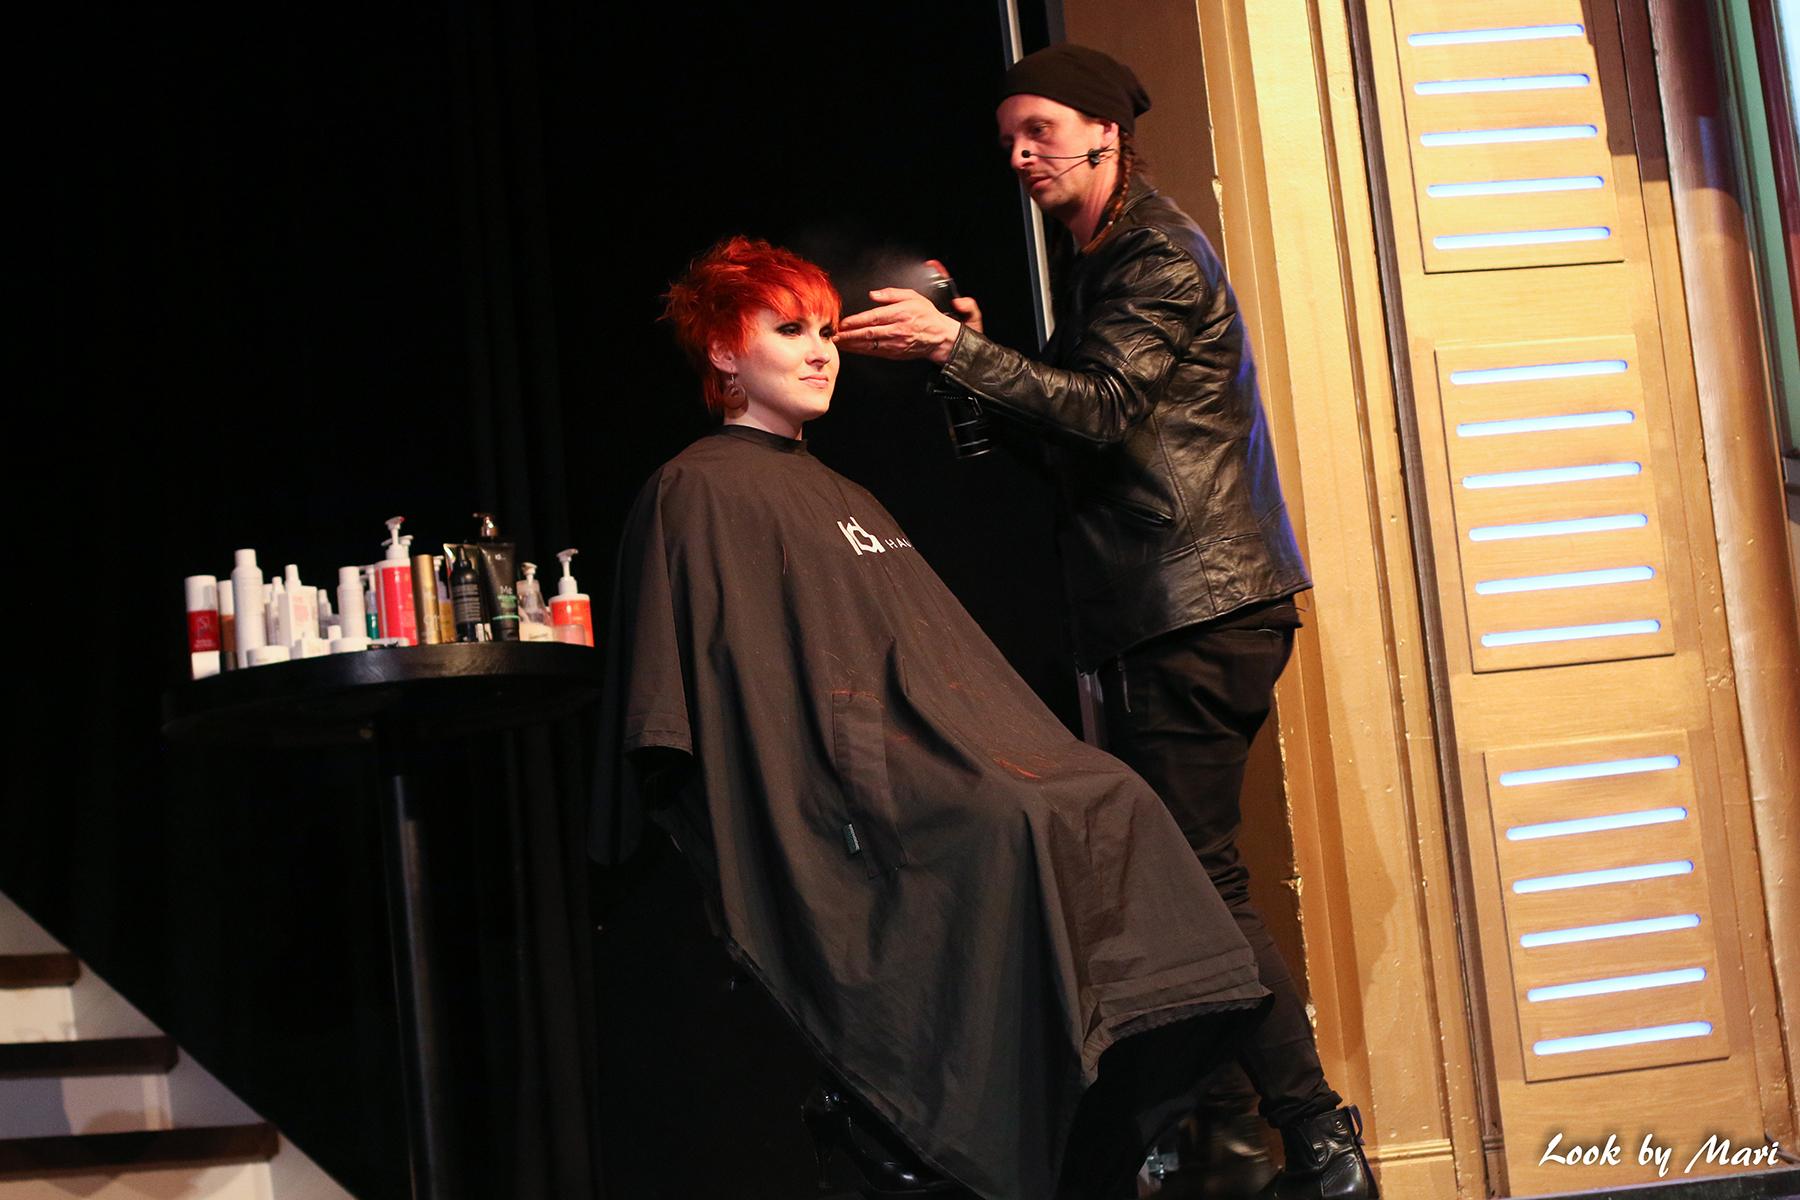 5 idhair hair show 29.3.2017 helsinki lanza moroccanoil evo idhair.fi